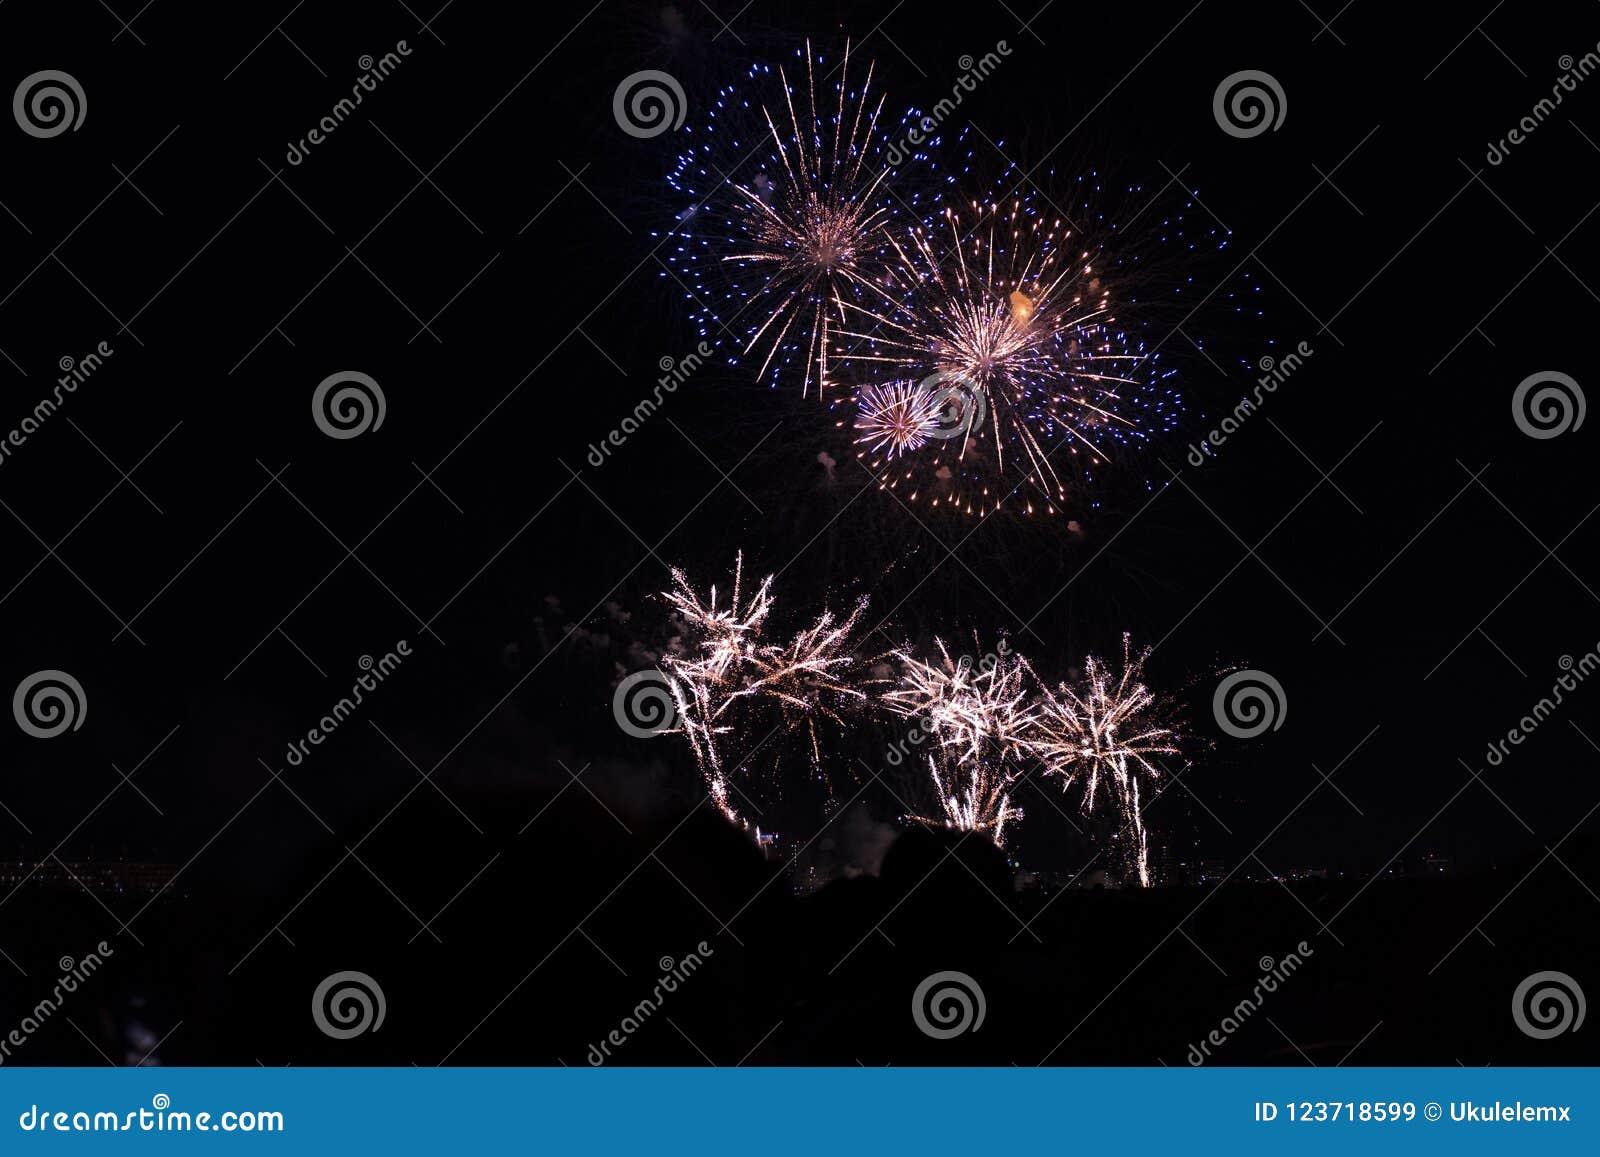 Veelvoudig Vuurwerk in nachthemel in een samenstelling in gouden en blauwe schaduwen